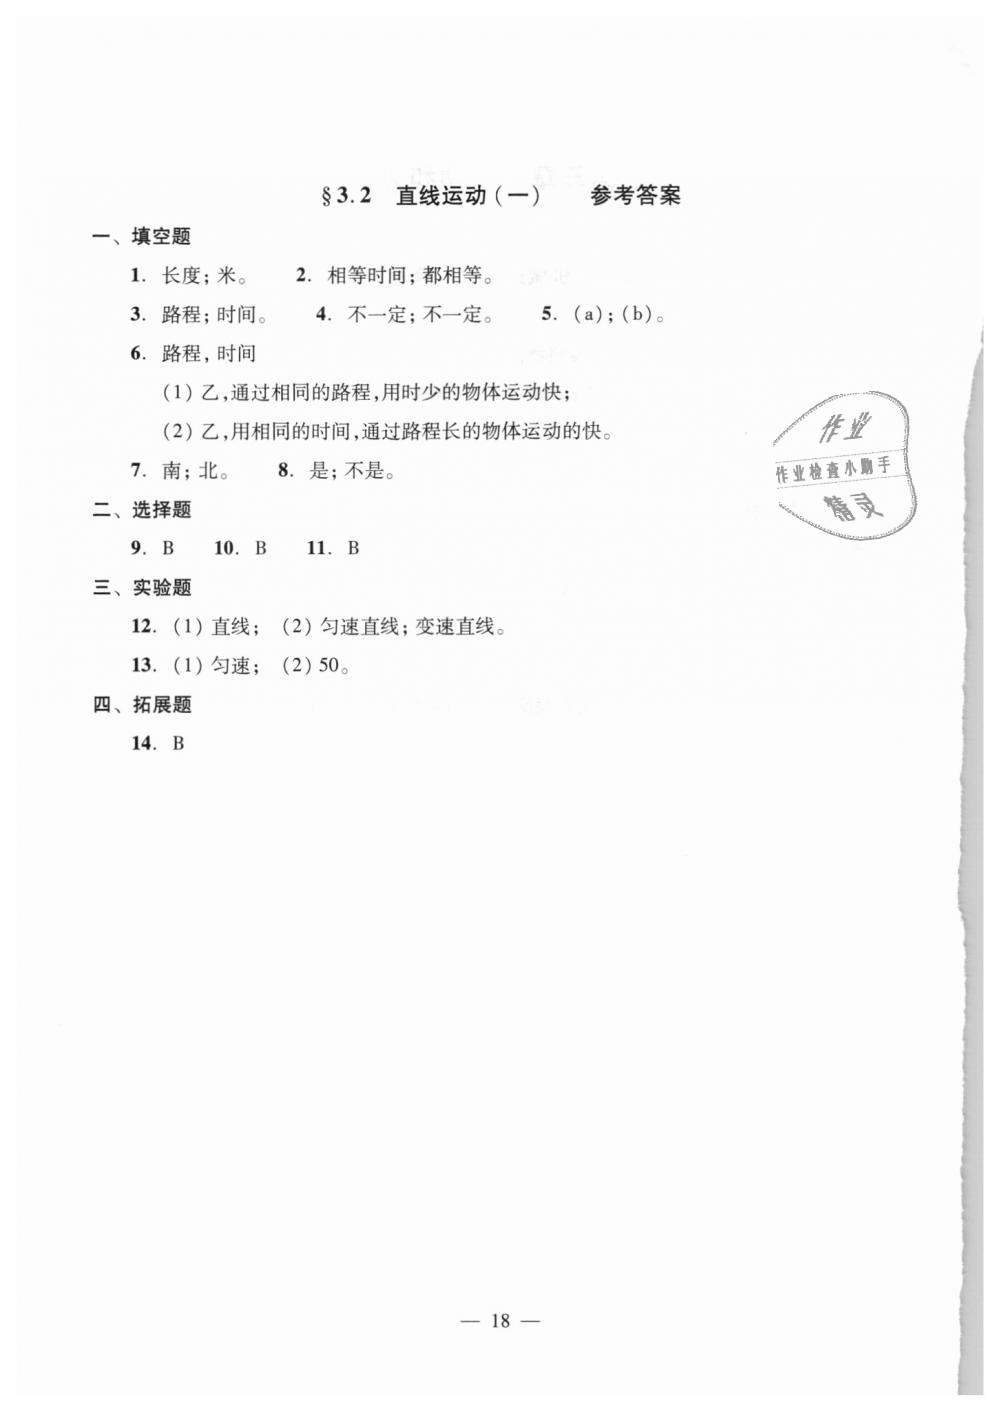 2018年初中物理双基过关堂堂练八年级全一册沪教版第18页